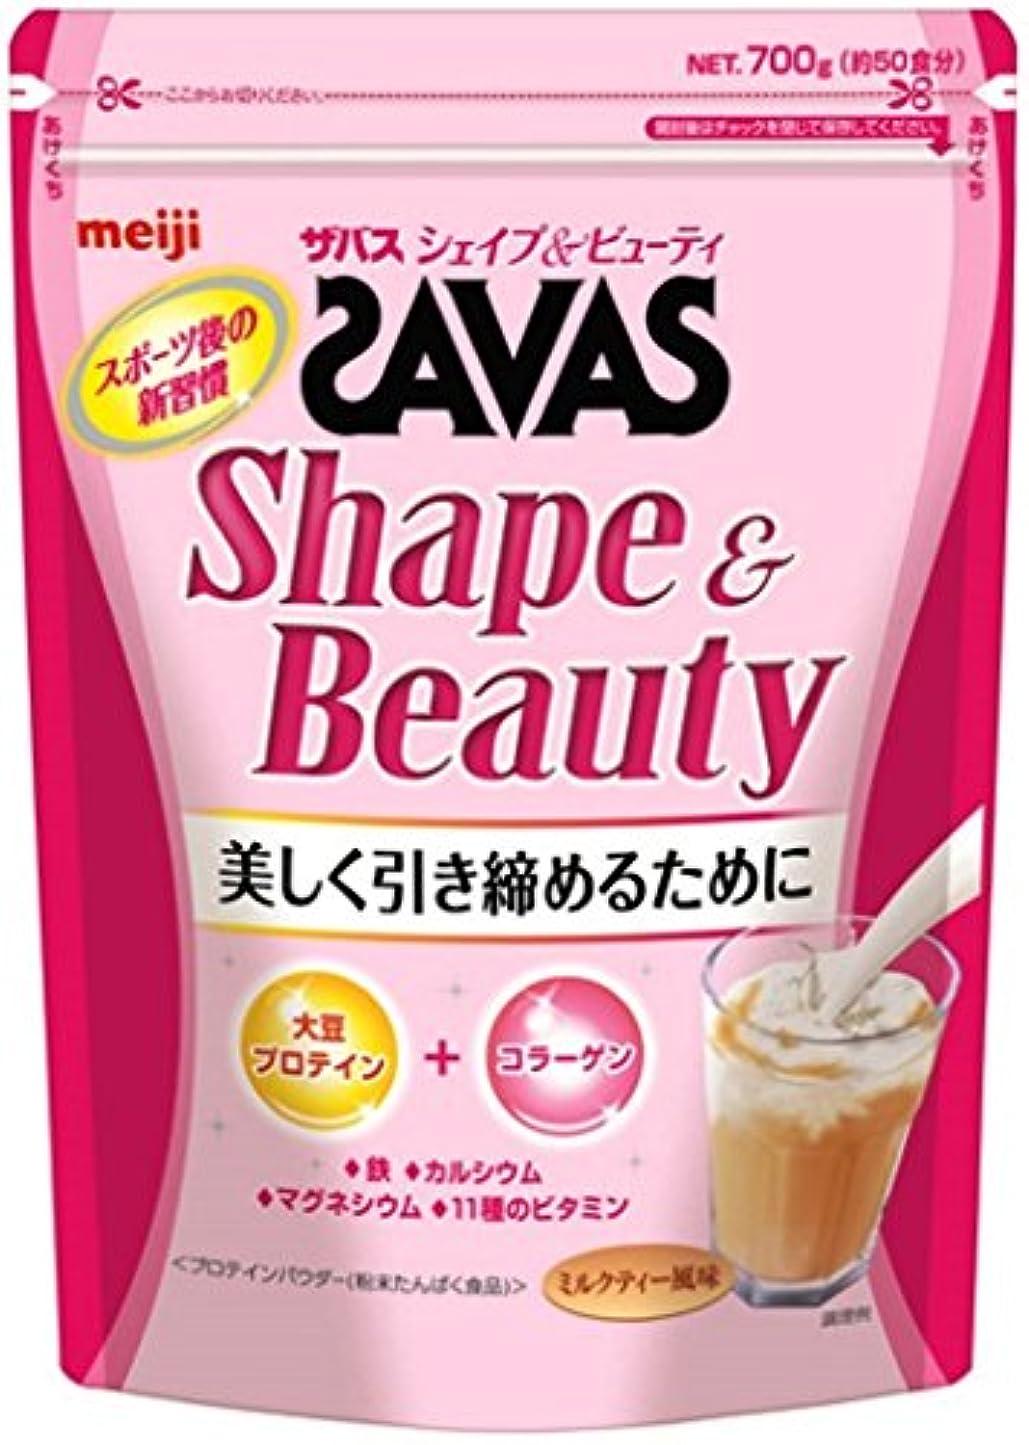 アクティビティ現代の後退する明治 ザバス シェイプ&ビューティ ミルクティー風味 【50食分】 700g